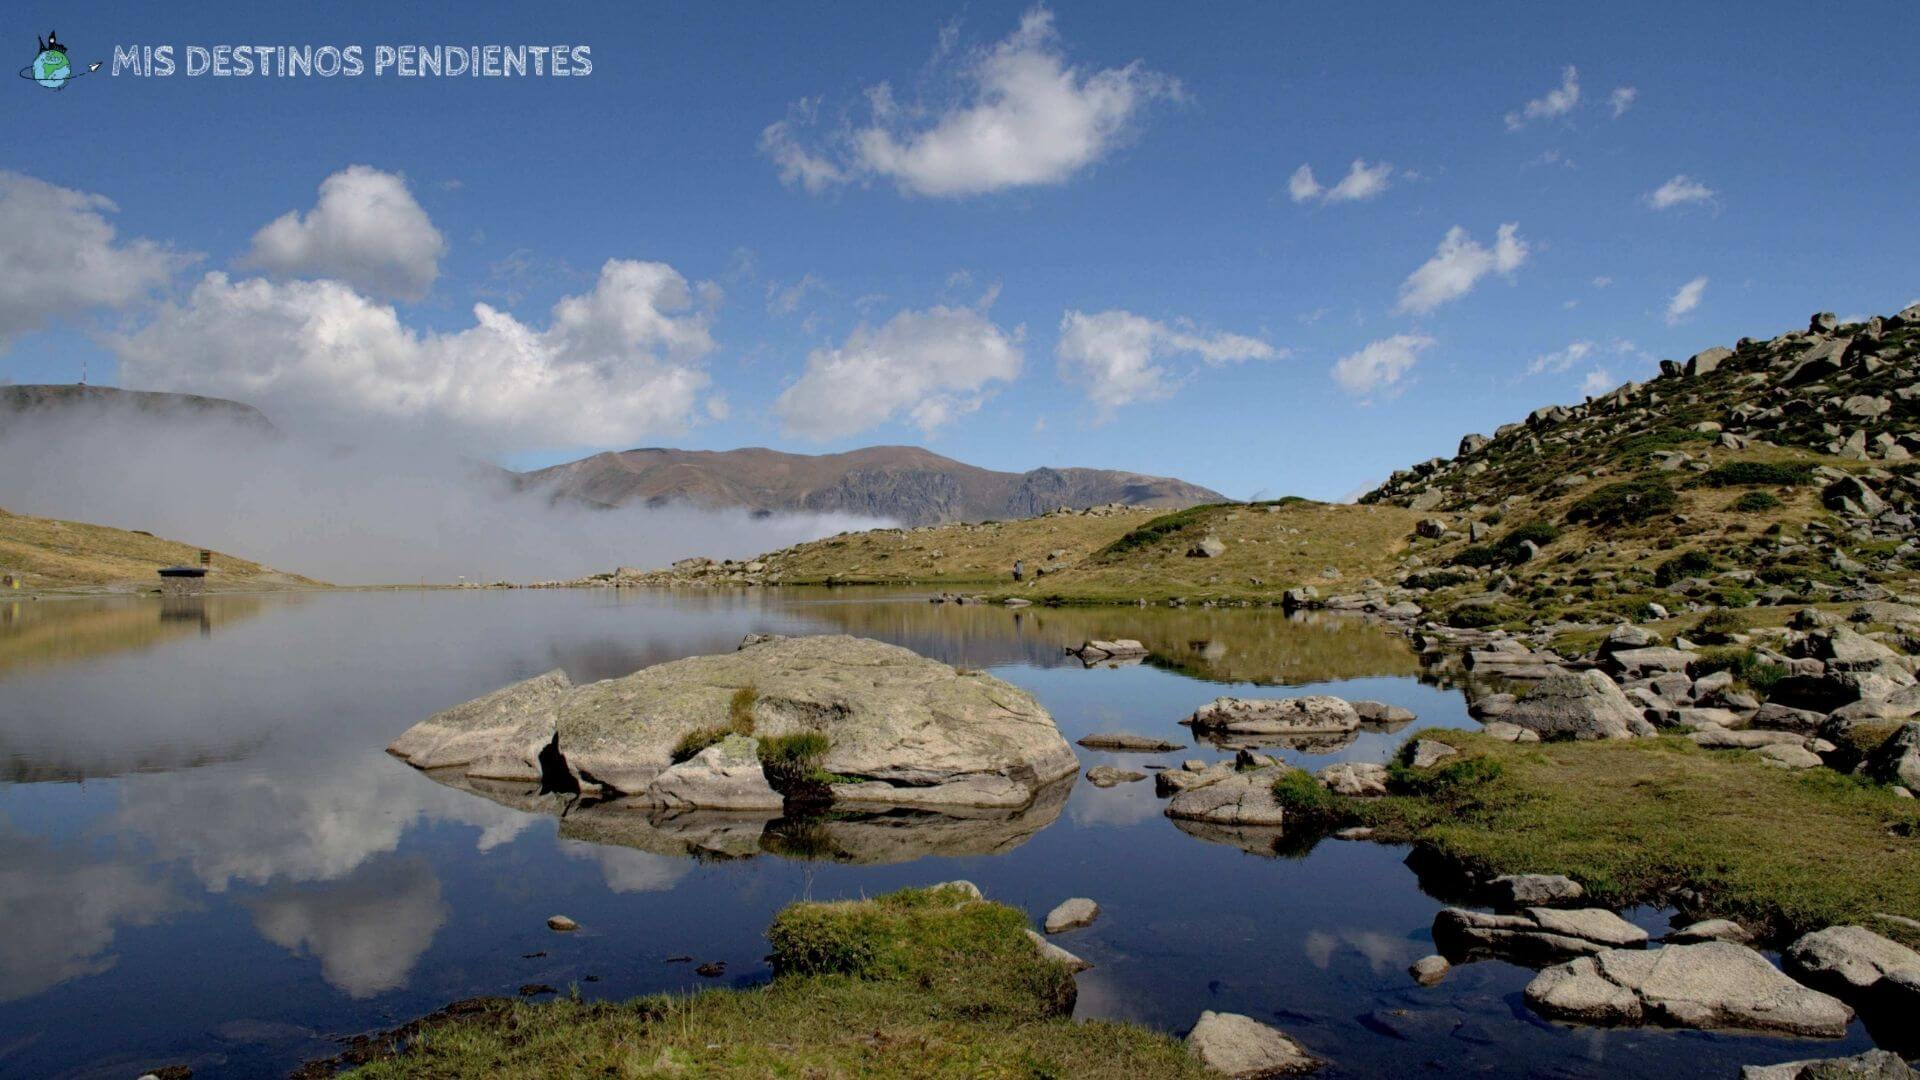 Qué visitar en Andorra: 6 tesoros naturales aptos para todos los públicos